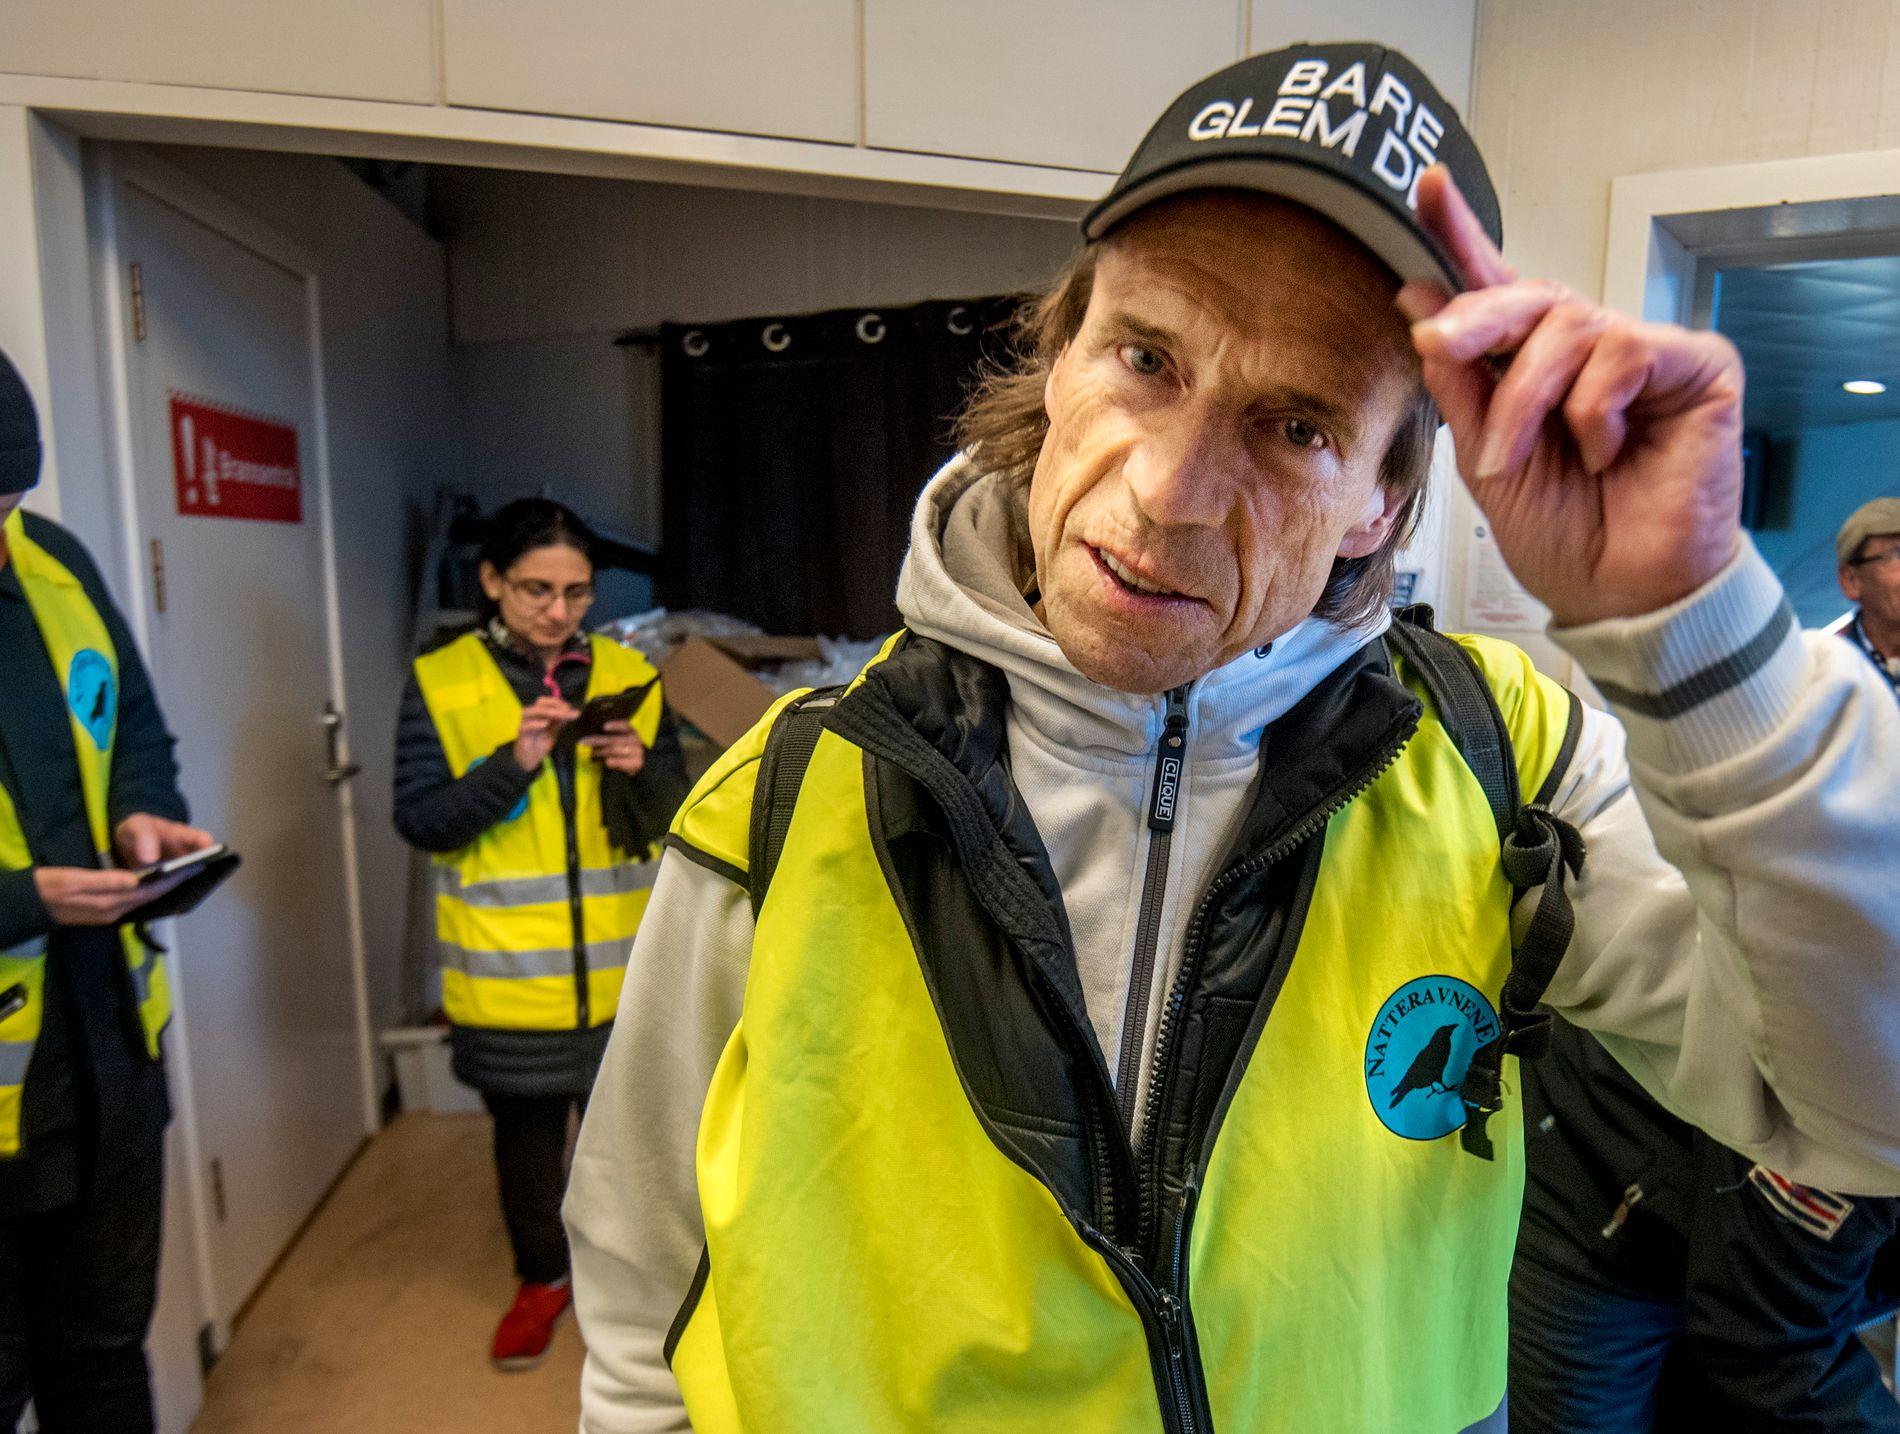 ILDSJEL: Jan Bøhler sitter i justiskomiteen på Stortinget, og var en av dem som startet opp natteravn-gruppen på Vestli. Her fra da VG møtte ham og de andre 4. mai, som var den første kvelden de gikk etter at politiet anmodet dem fra å gå etter hendelsene i april.